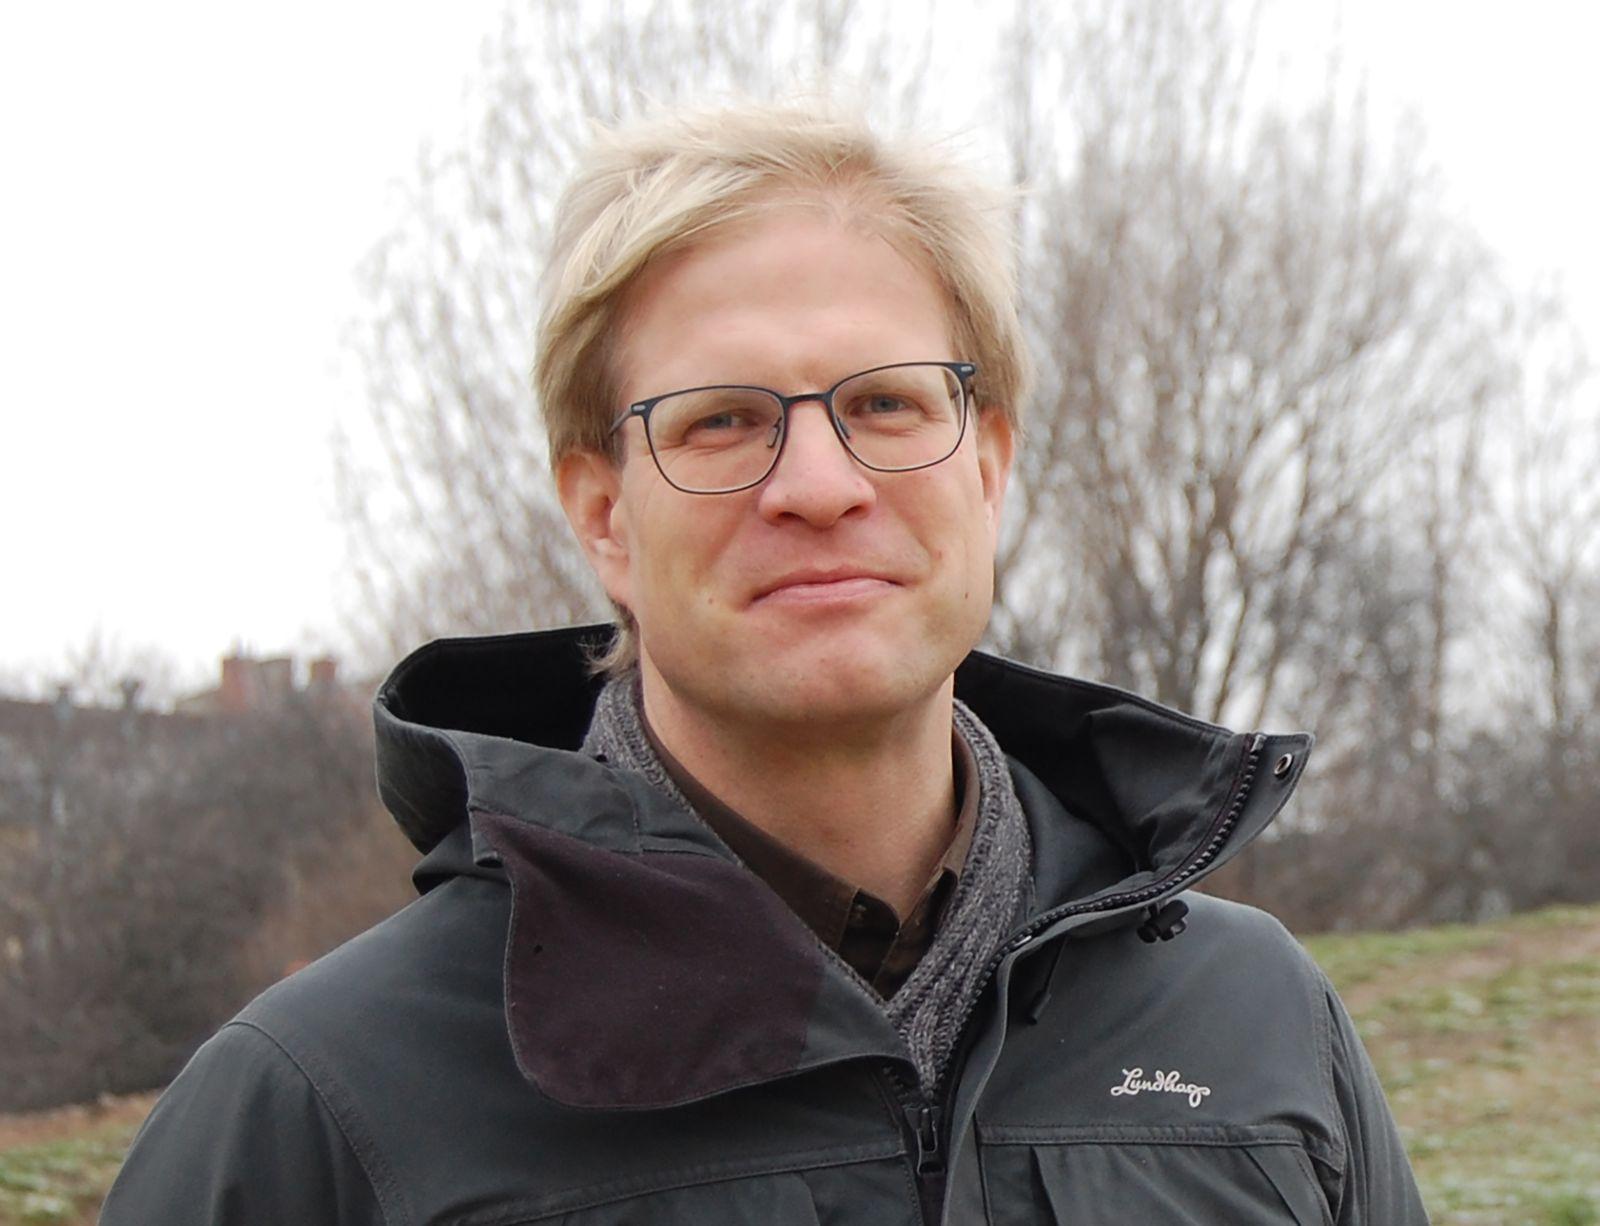 Felix Weisbrich